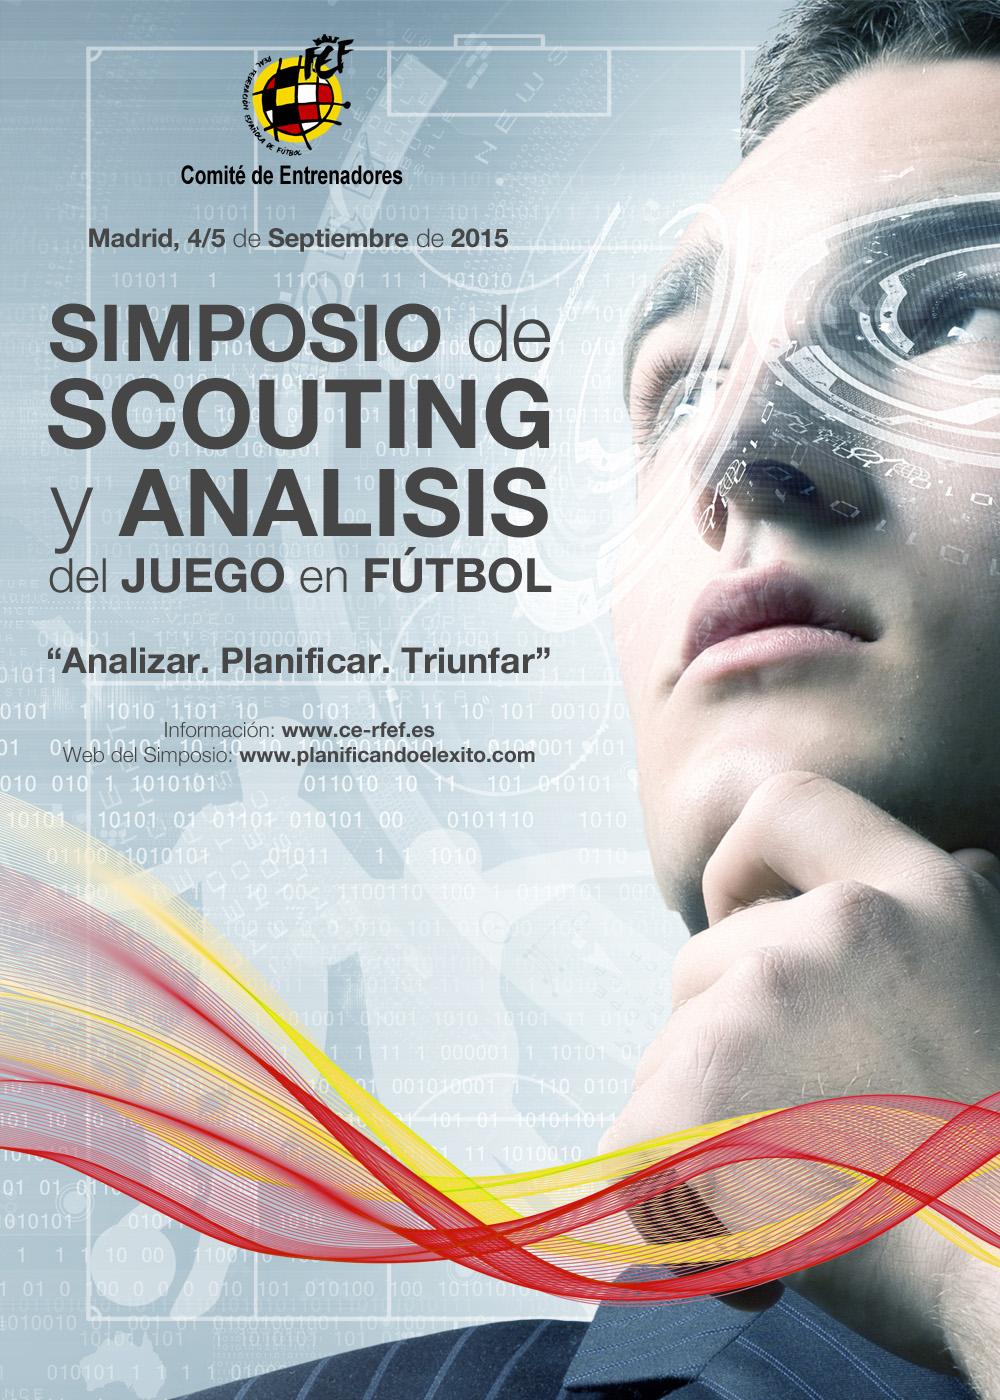 """I Simposio de Scouting y Análisis del Juego en Fútbol """"Analizar. Planificar. Triunfar"""""""